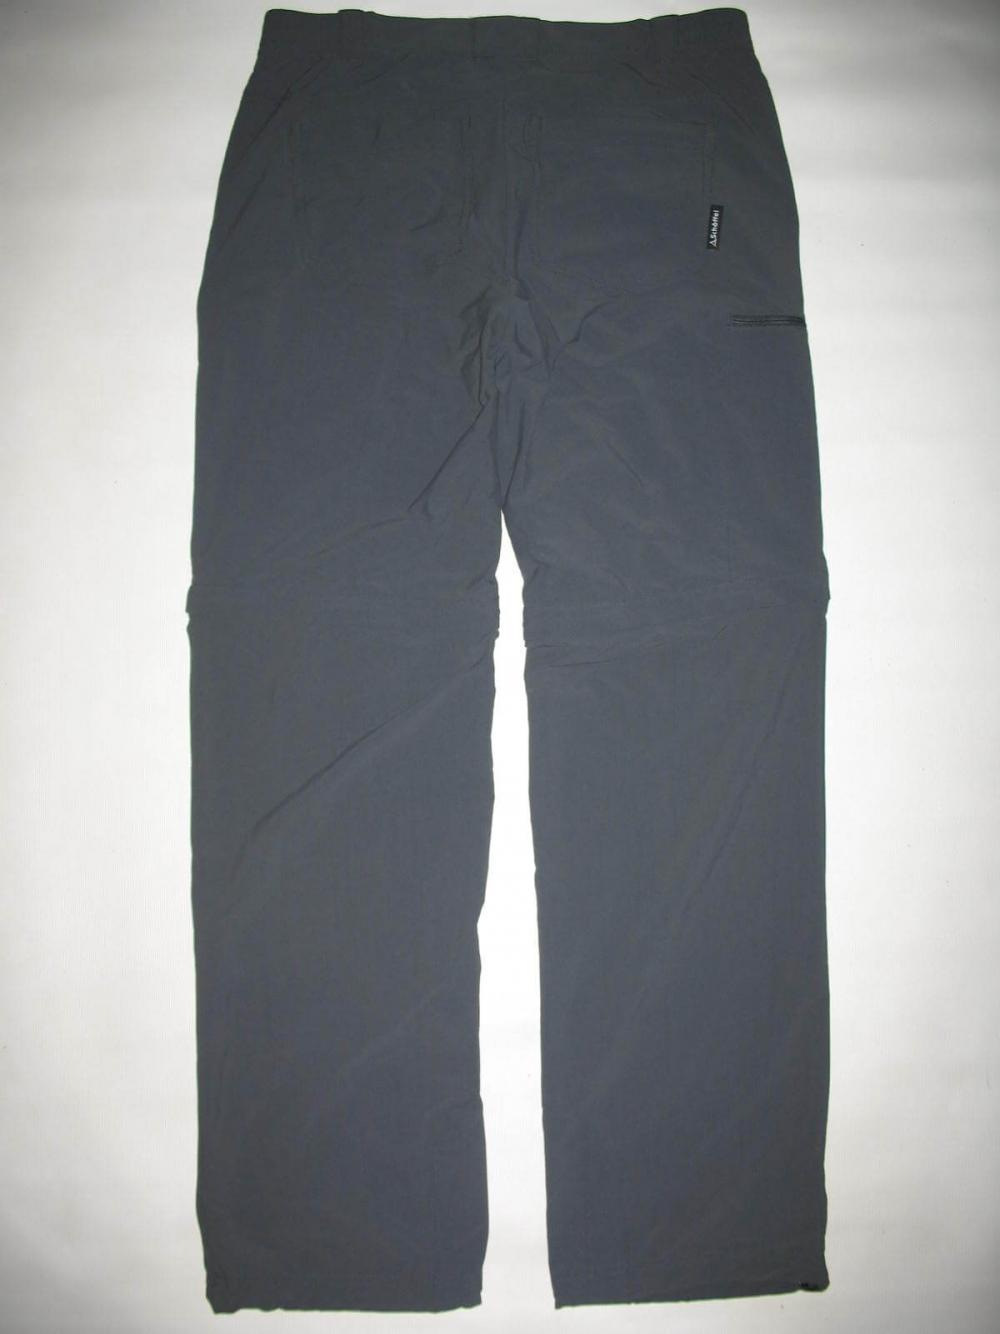 Штаны SCHOFFEL outdoor 2in1 pants (размер 50-L) - 1